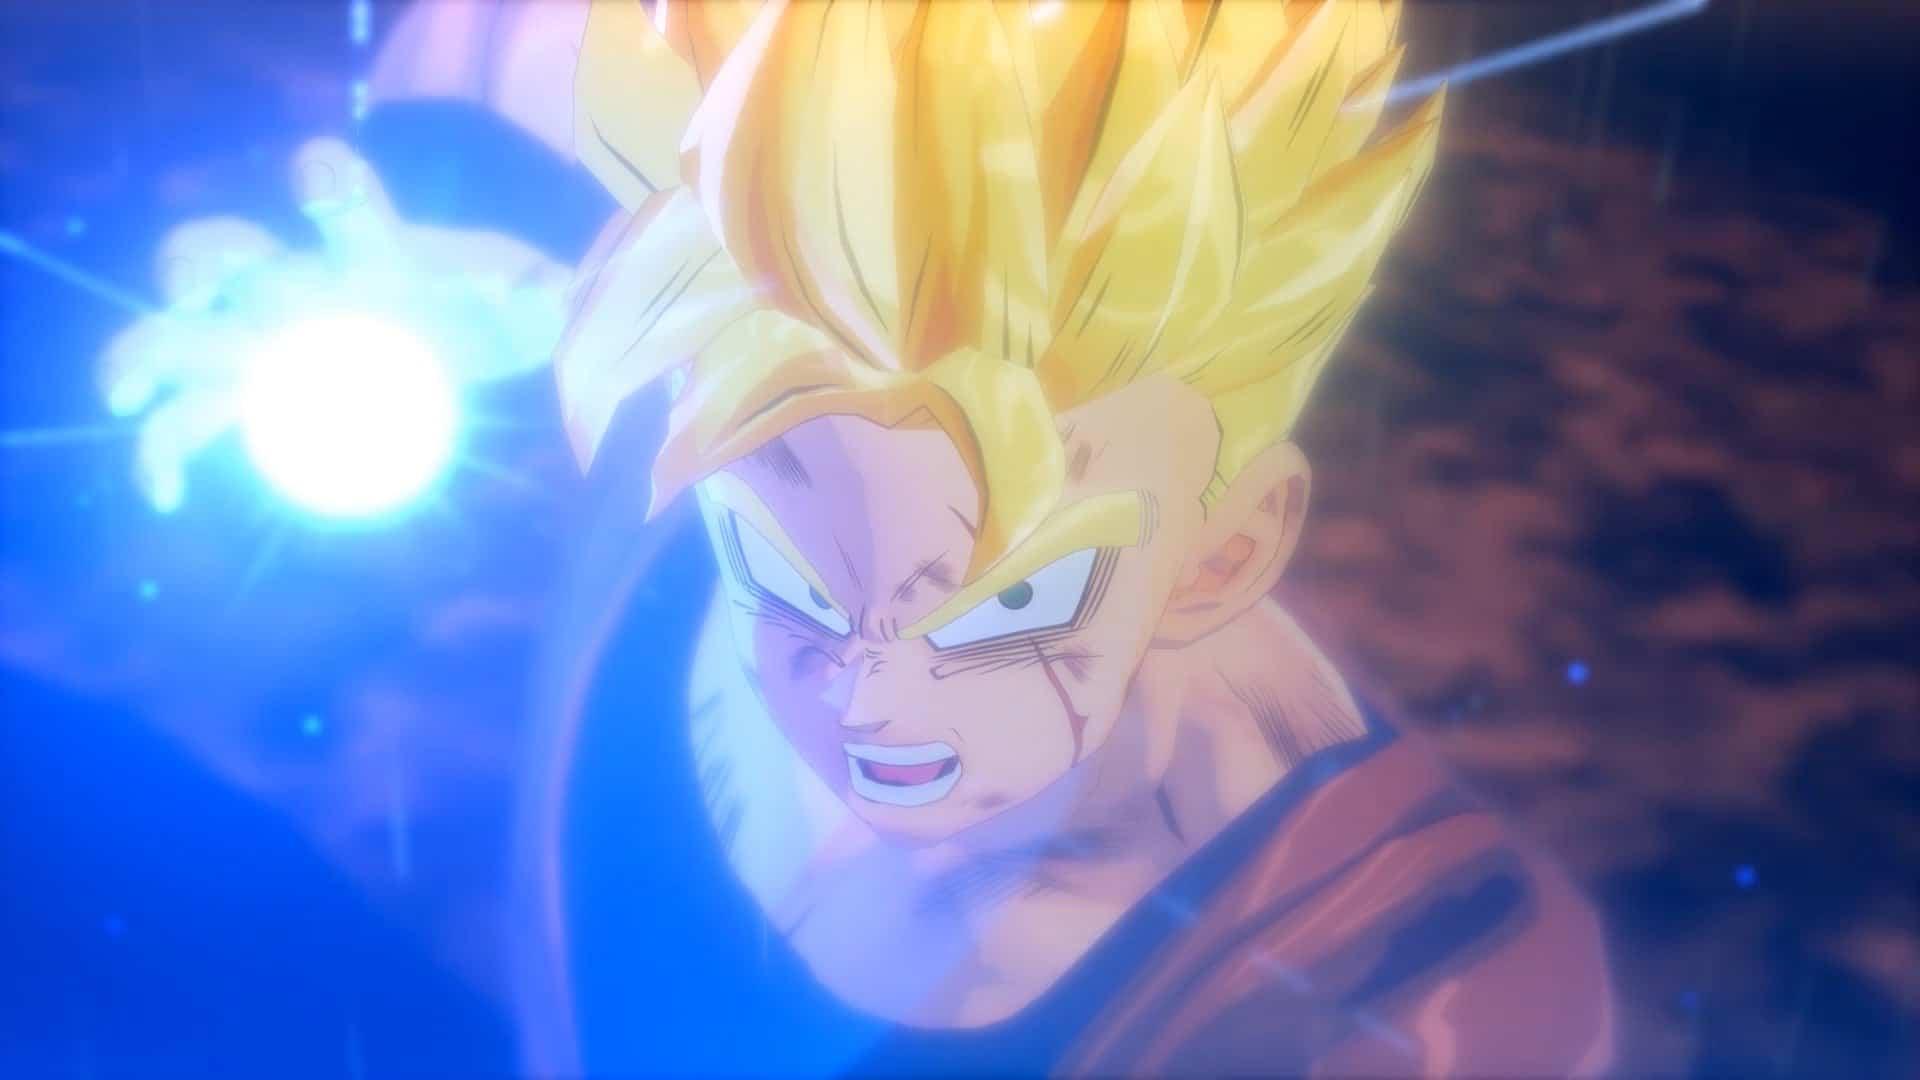 De nouvelles images pour le DLC centré sur Trunks